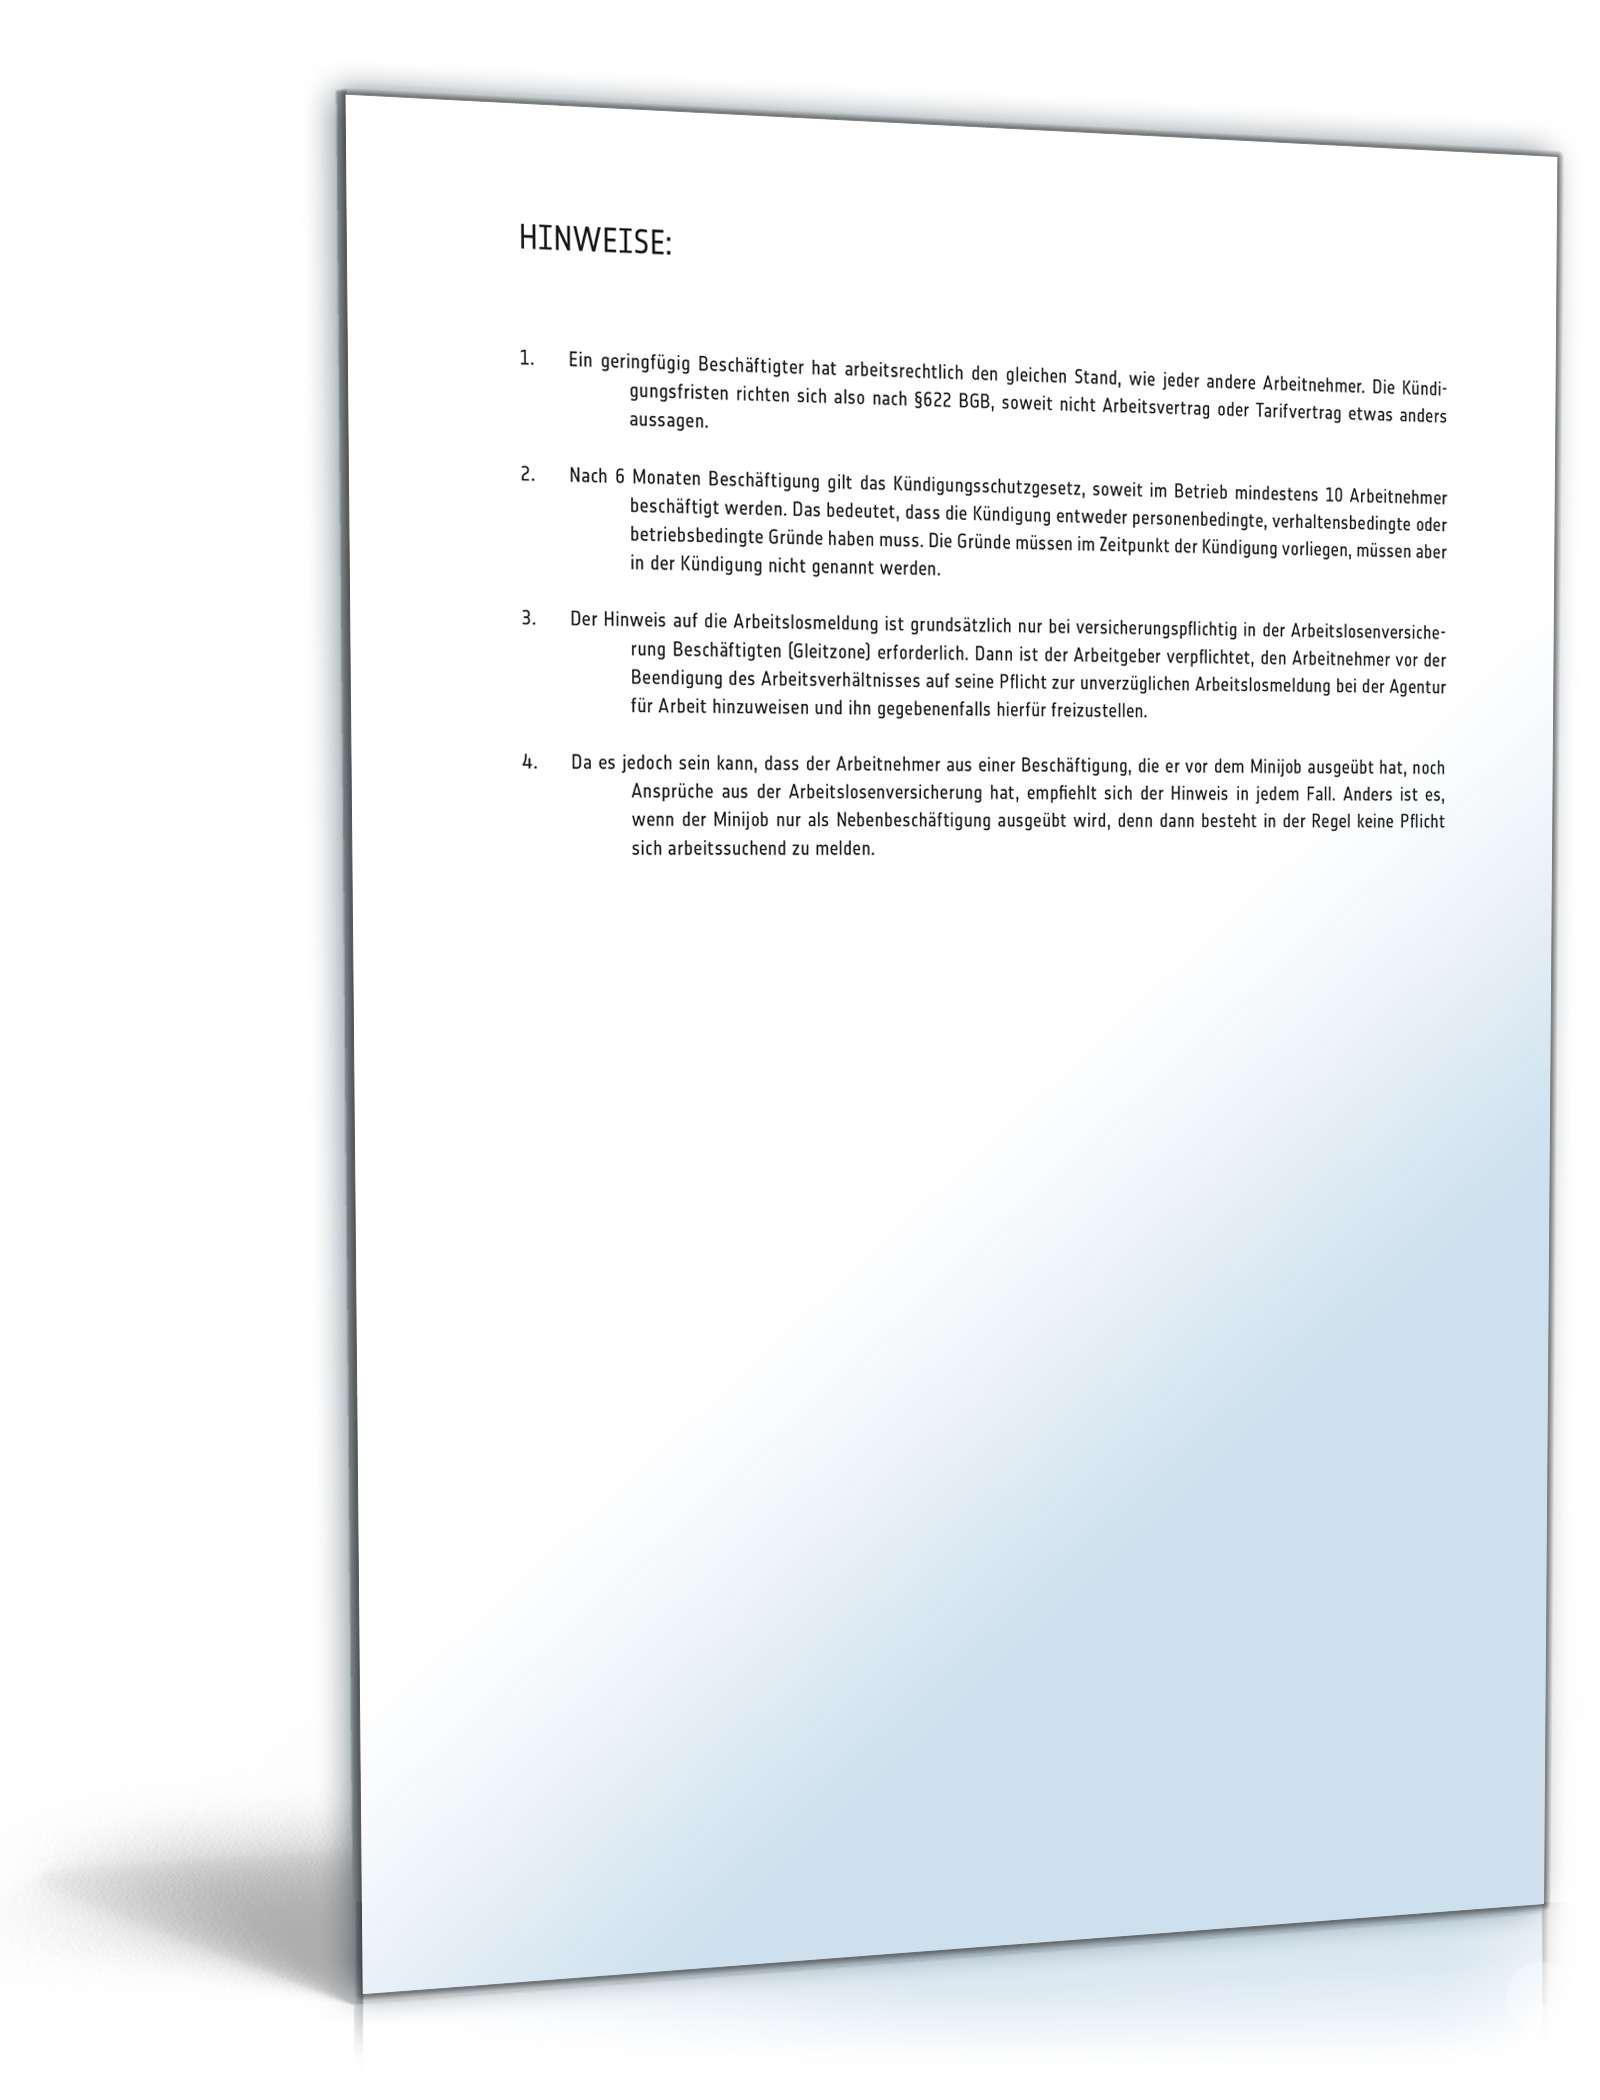 kndigung minijob muster - Kundigung 450 Euro Job Muster